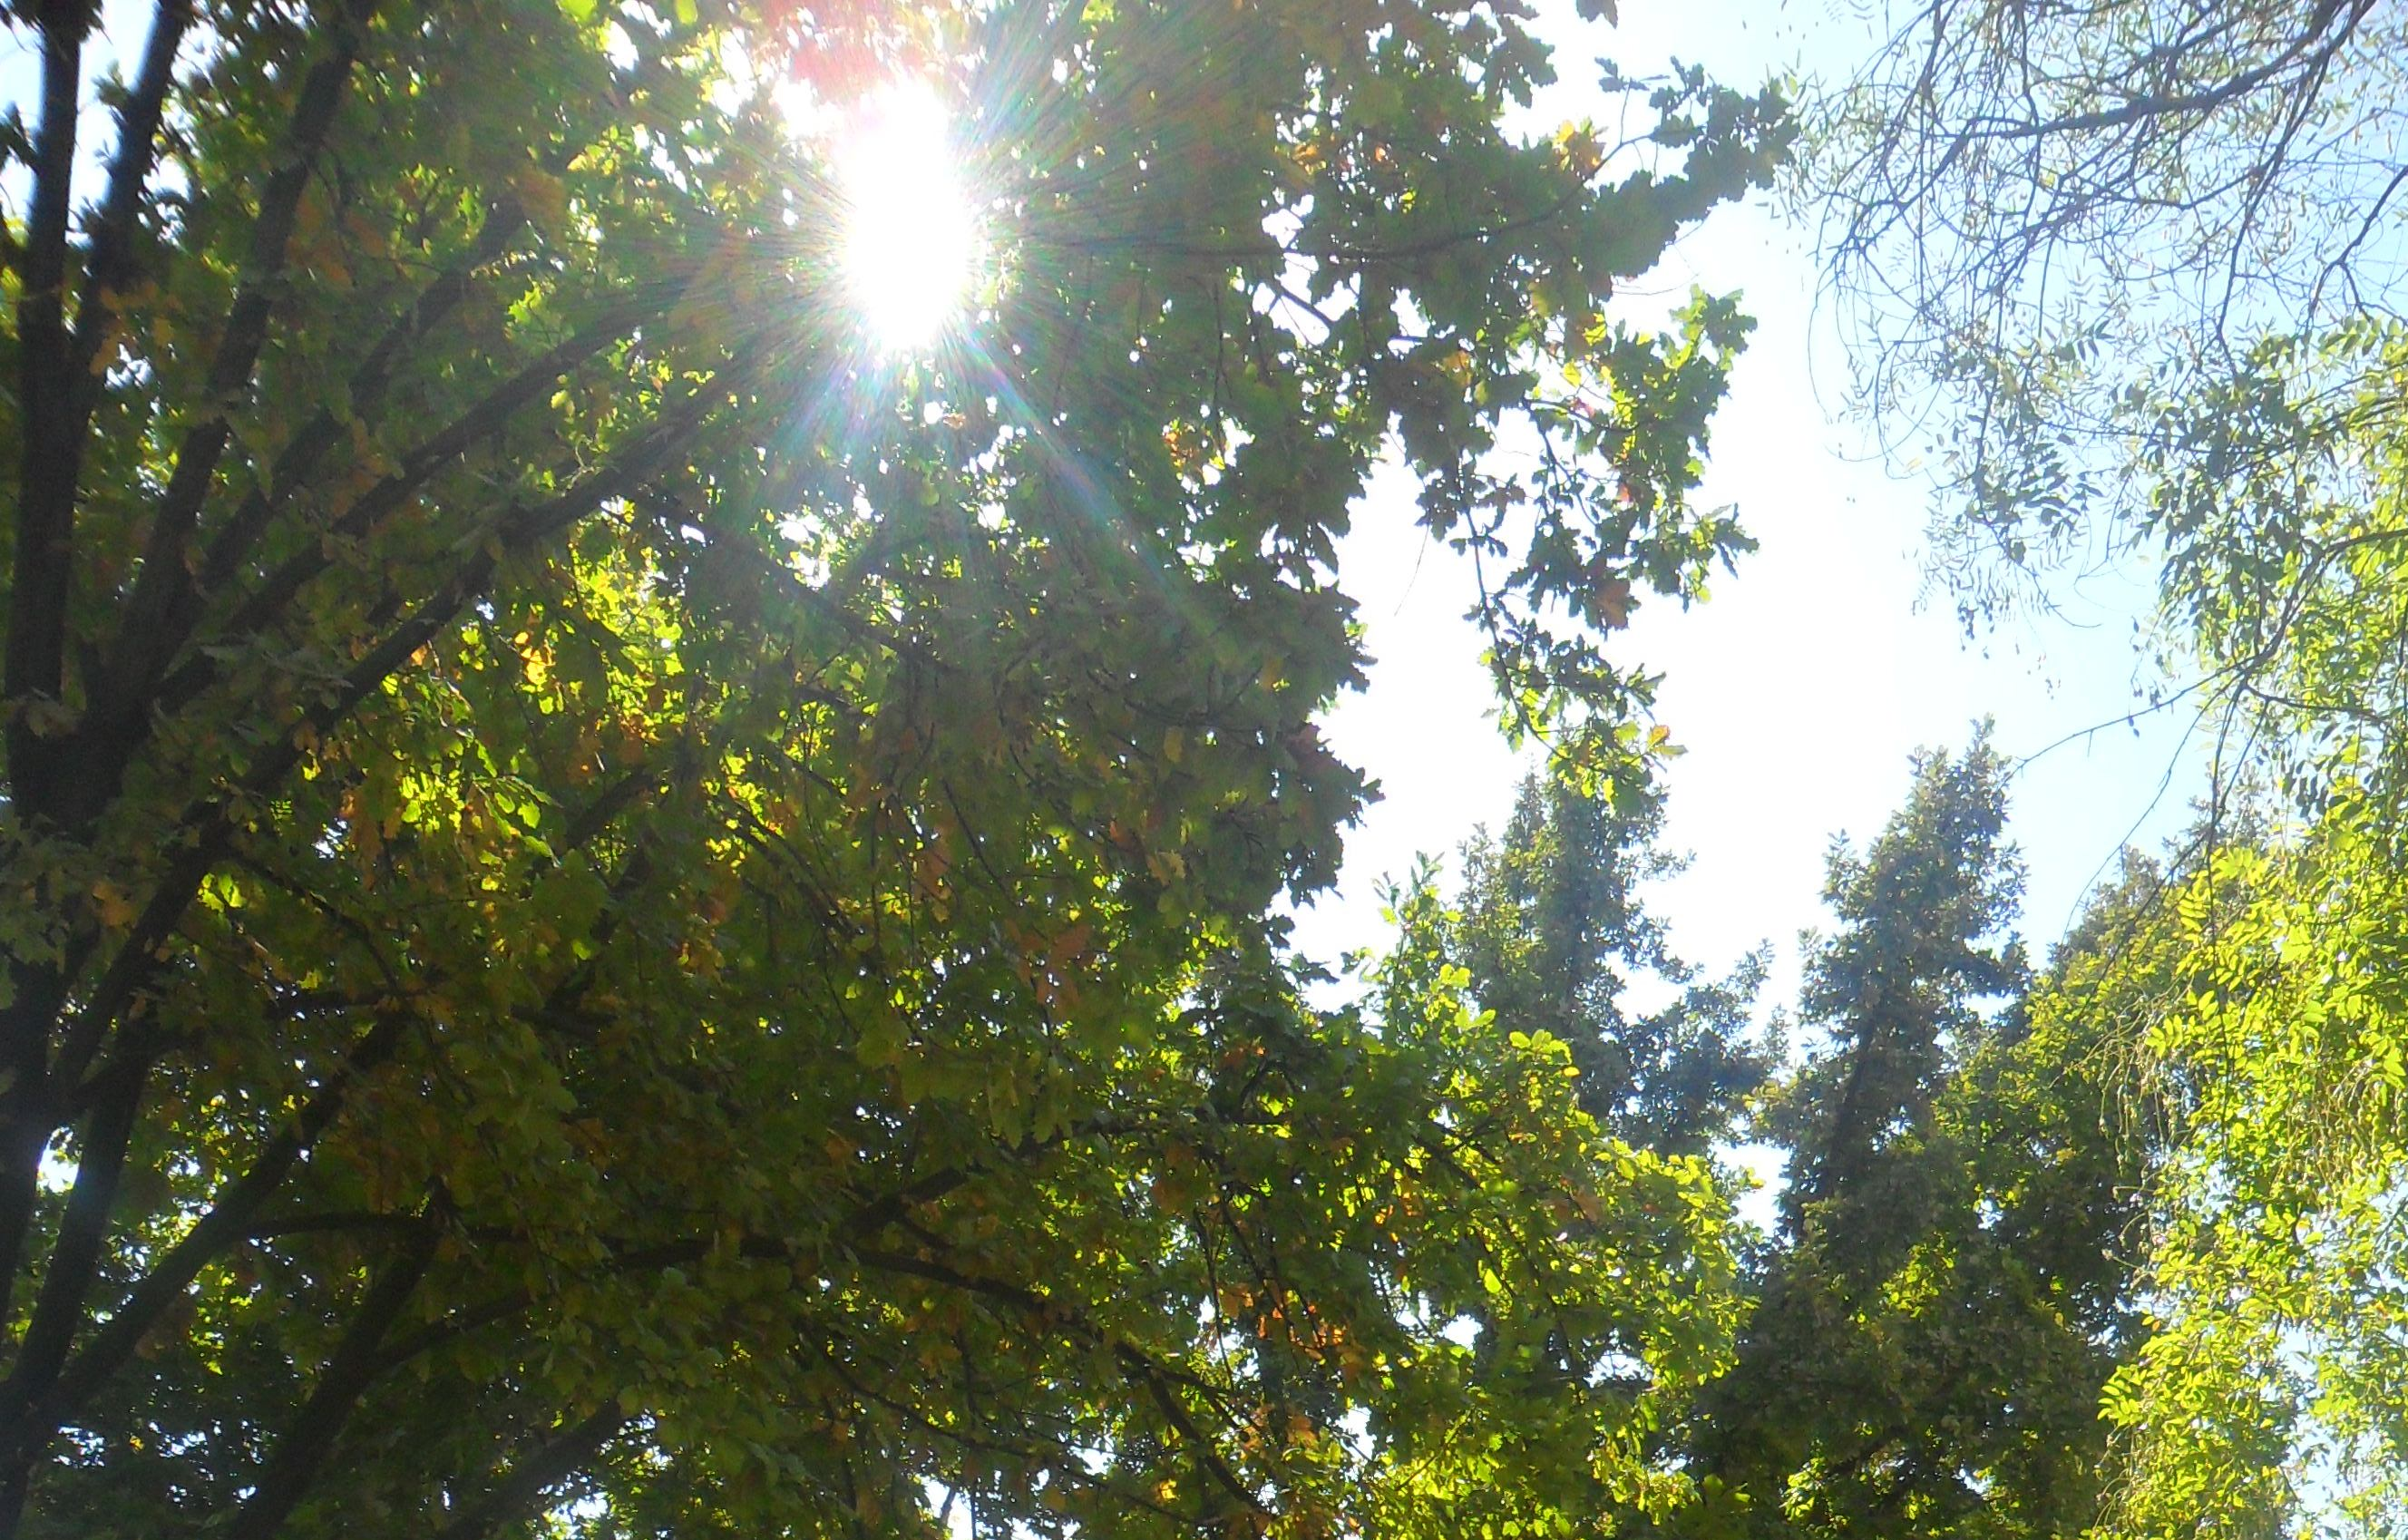 Фото конкурс: Осень в моем городе  E34585a128b8